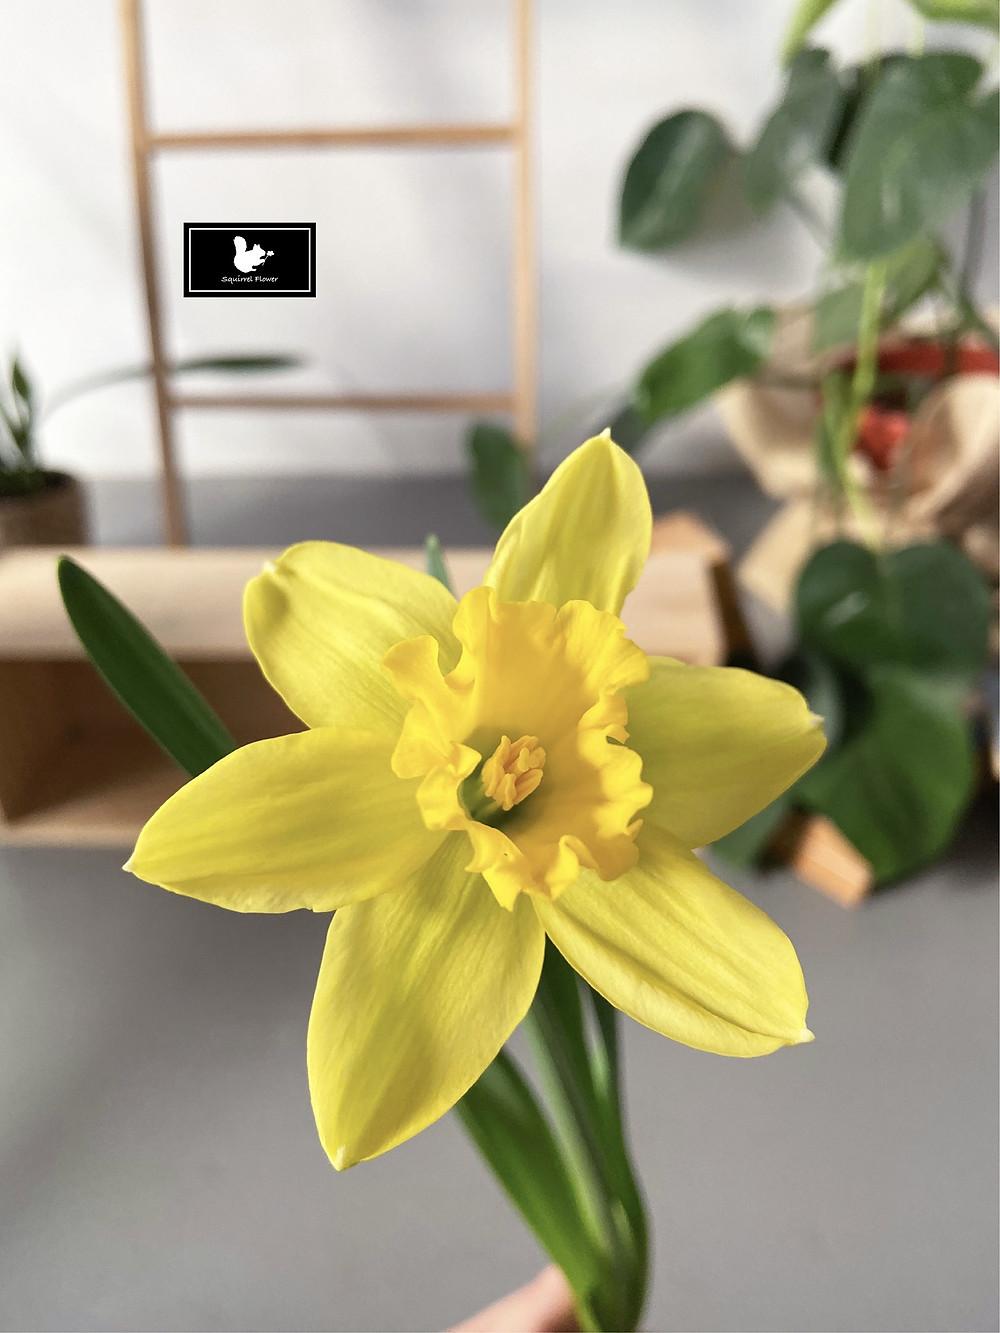 西洋水仙 Narcissus